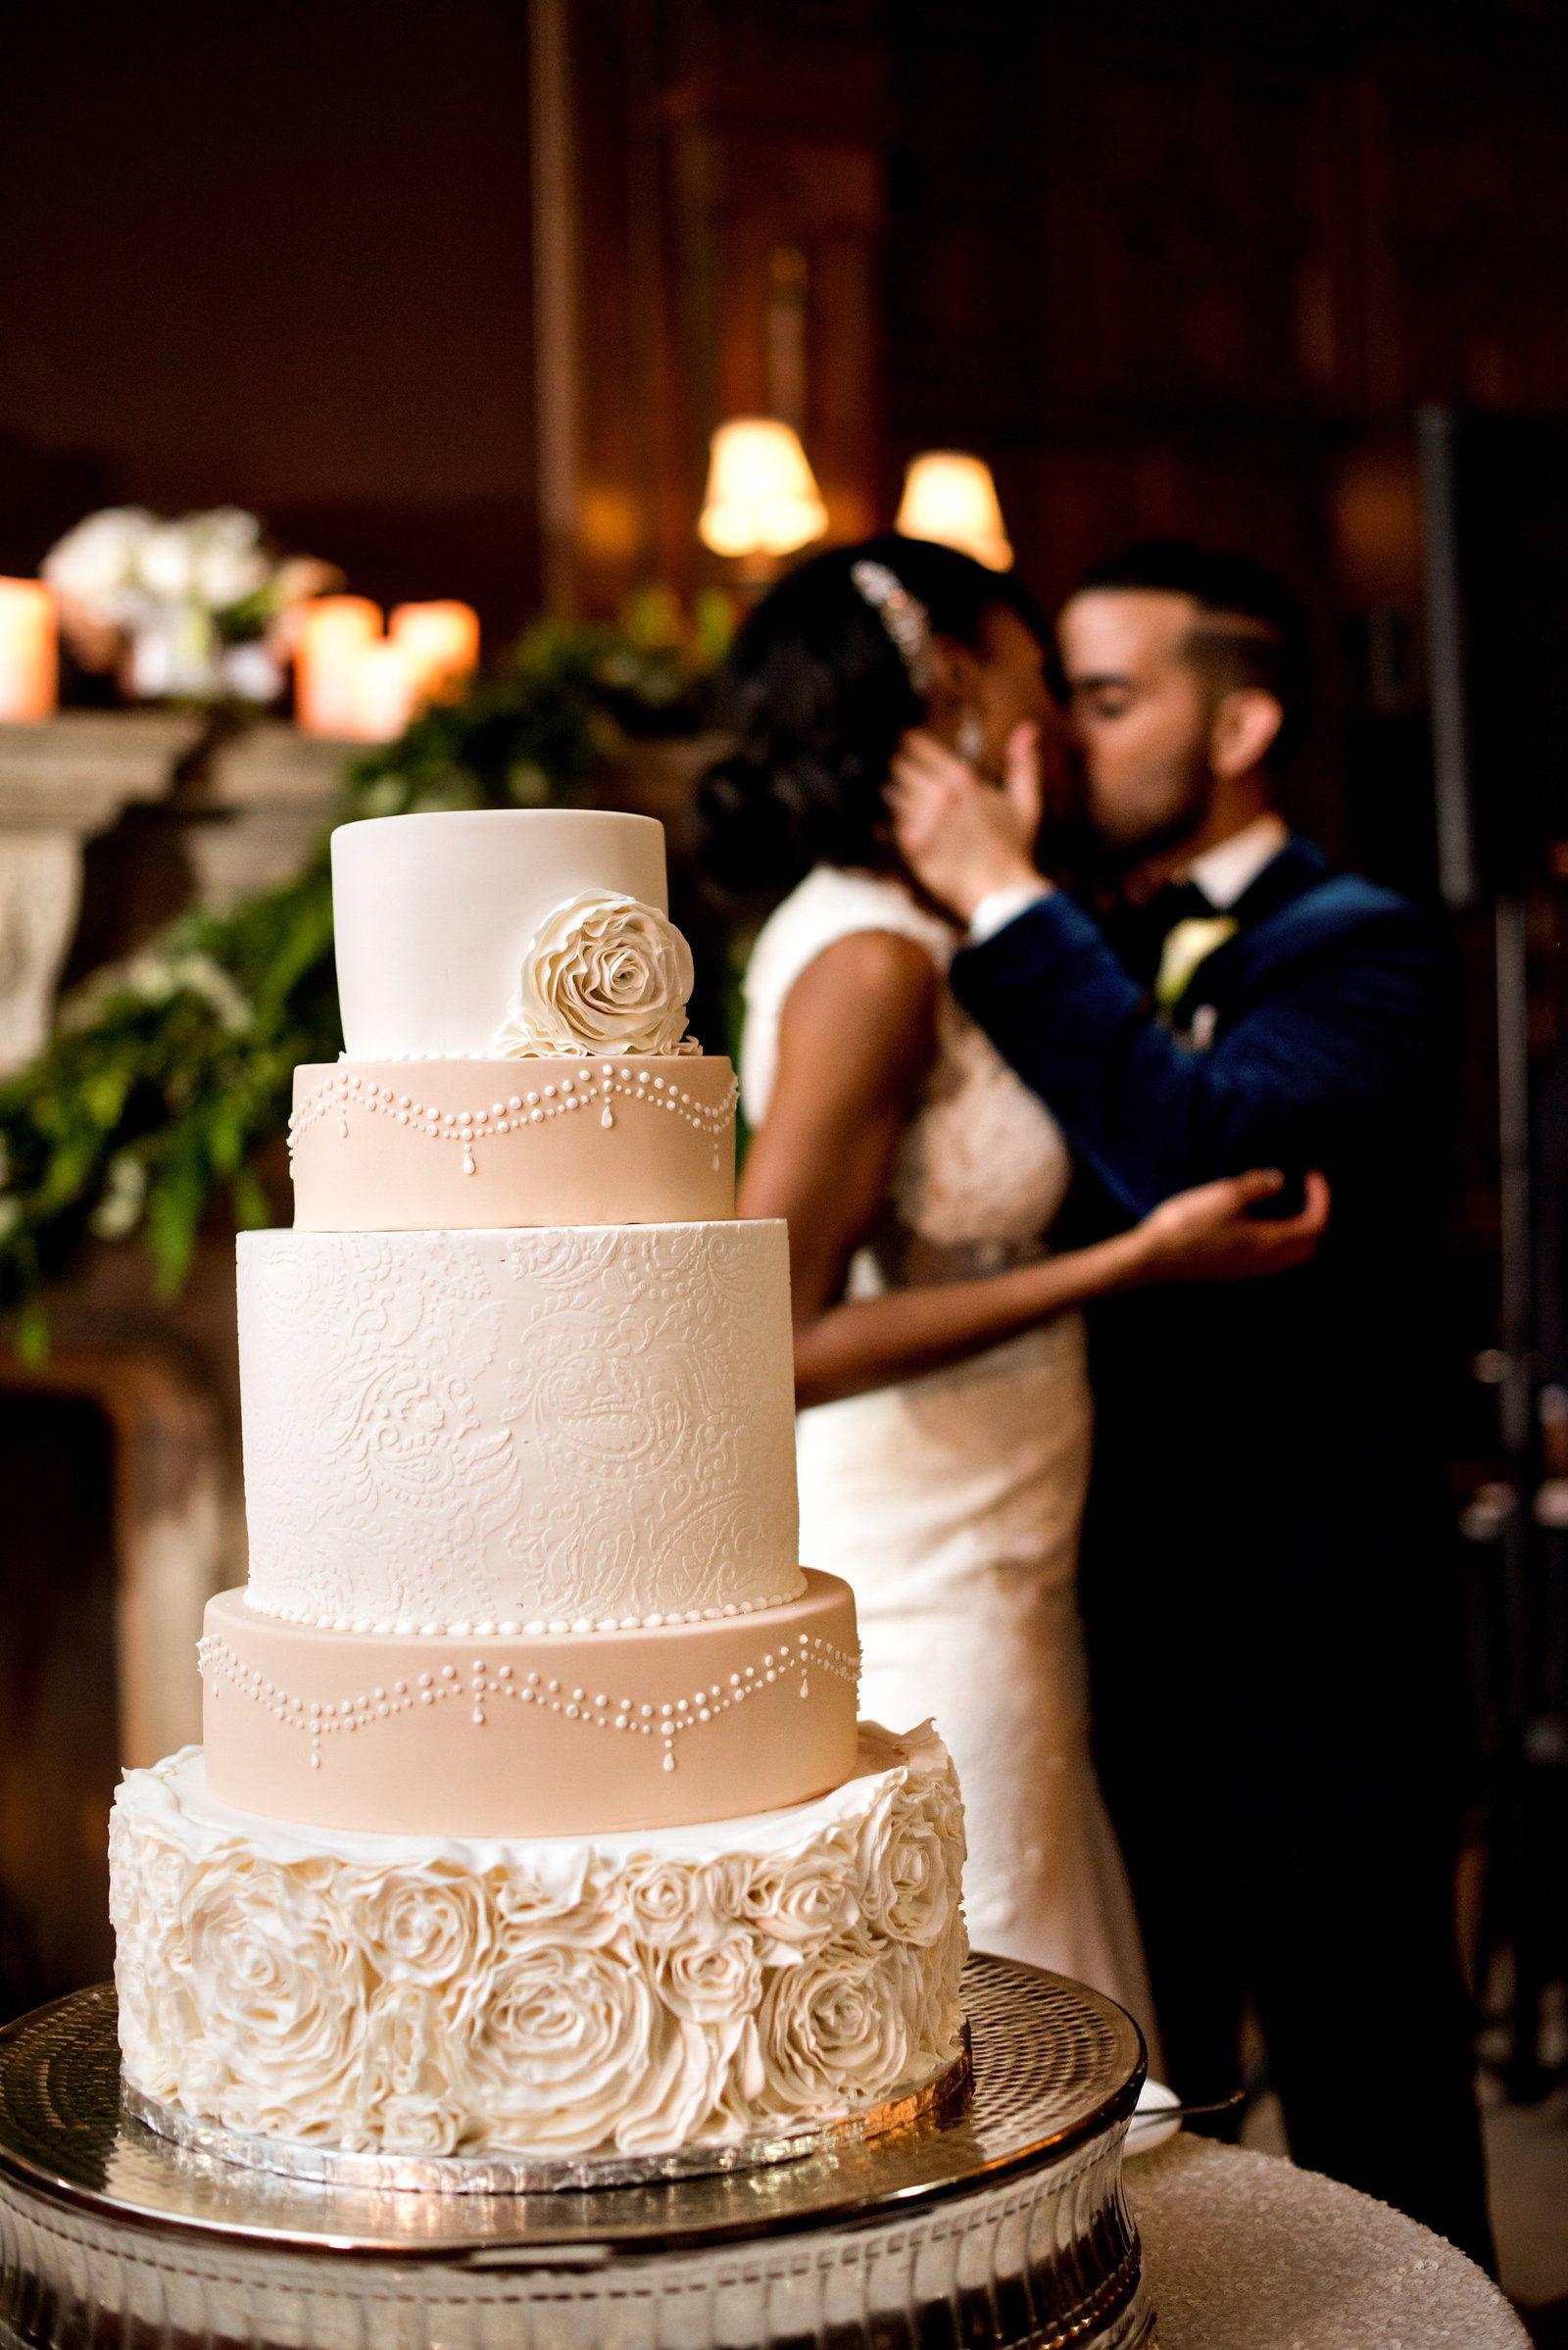 Amy anaiz photography in 2020 wedding cake photos